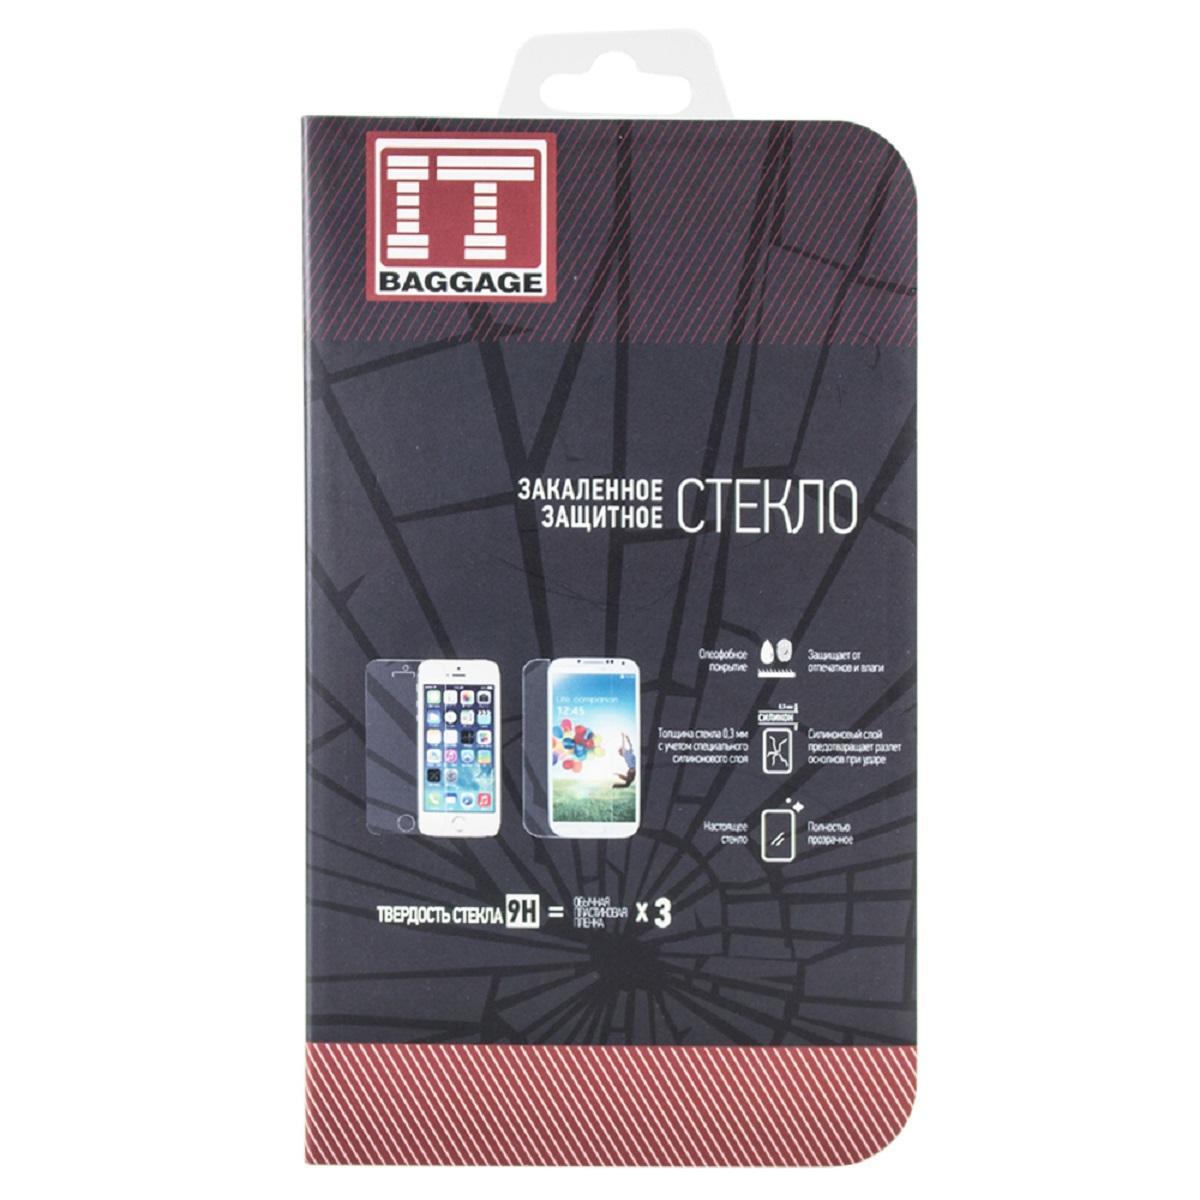 IT Baggage защитное стекло для Lenovo A2010-AITLNA2010AGЗакаленное стекло IT Baggage для Lenovo A2010-A - это самый верный способ защитить экран от повреждений и загрязнений. Обладает высочайшим уровнем прозрачности и совершенно не влияет на отклик экранного сенсора и качество изображения. Препятствует появлению отпечатков и пятен. Удалить следы жира и косметики с поверхности аксессуара не составить ни какого труда.Характеристики защитного стекла делают его износостойким к таким механическим повреждениям, как царапины, сколы, потертости. При сильном ударе разбившееся стекло не разлетается на осколки, предохраняя вас от порезов, а экран устройства от повреждений.После снятия защитного стекла с поверхности дисплея, на нем не остаются повреждения, такие как потертости и царапины.